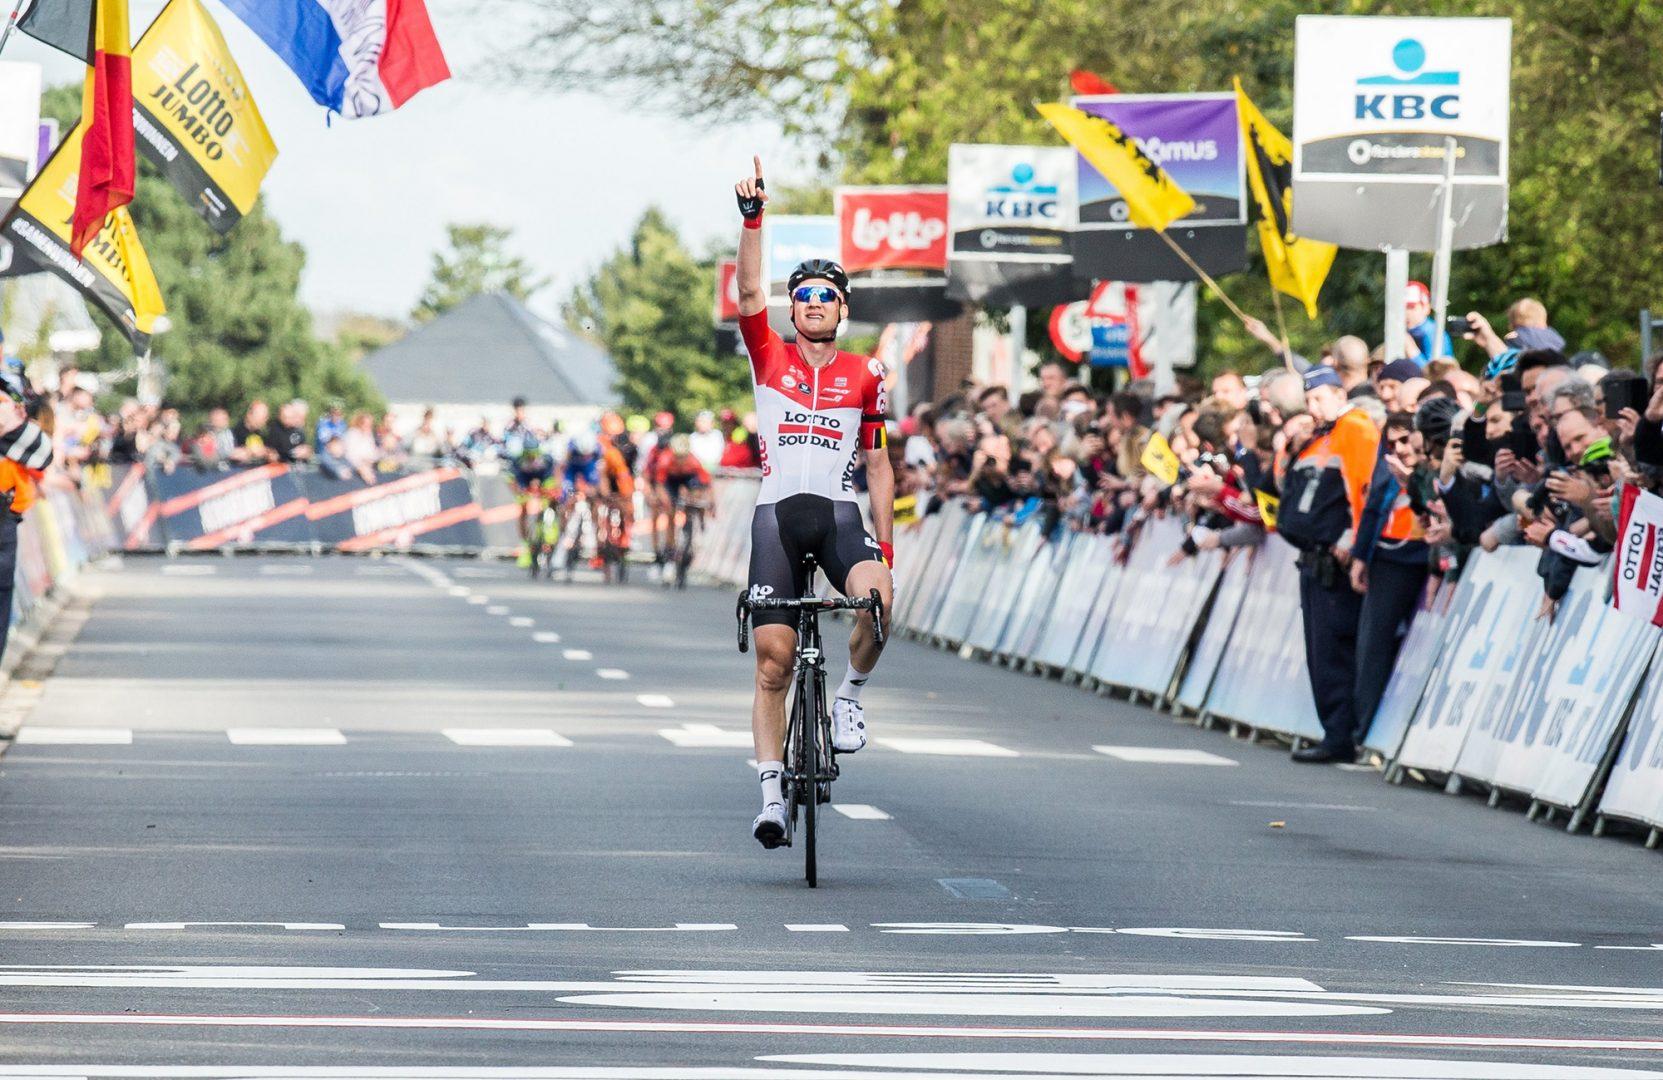 Tim Wellens gana en solitario la Flecha Brabanzona y se lo dedica a Goolaerts